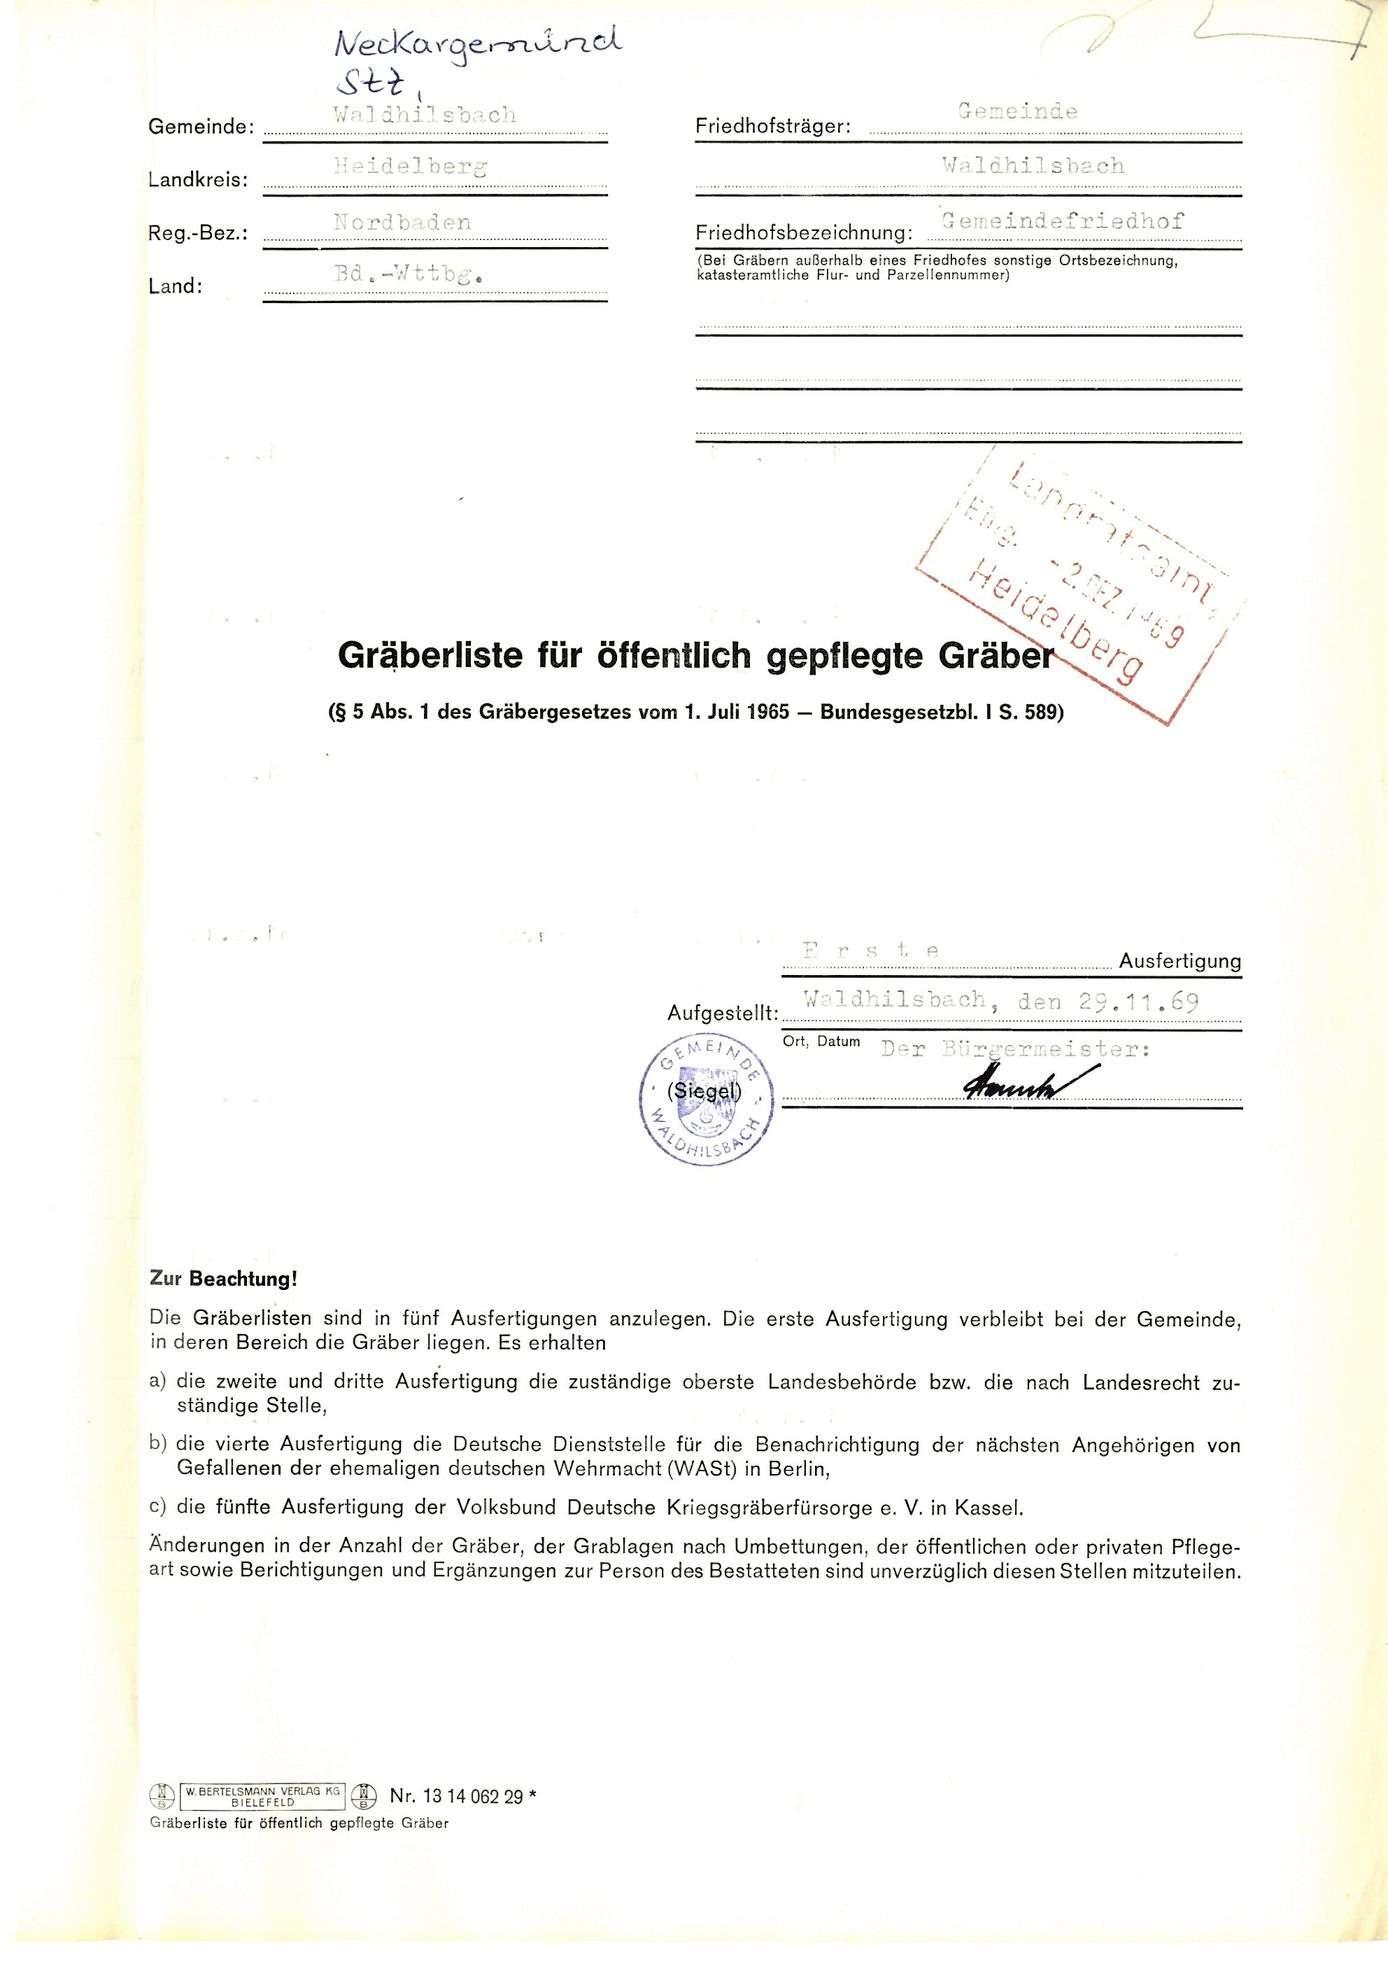 Waldhilsbach, Bild 1